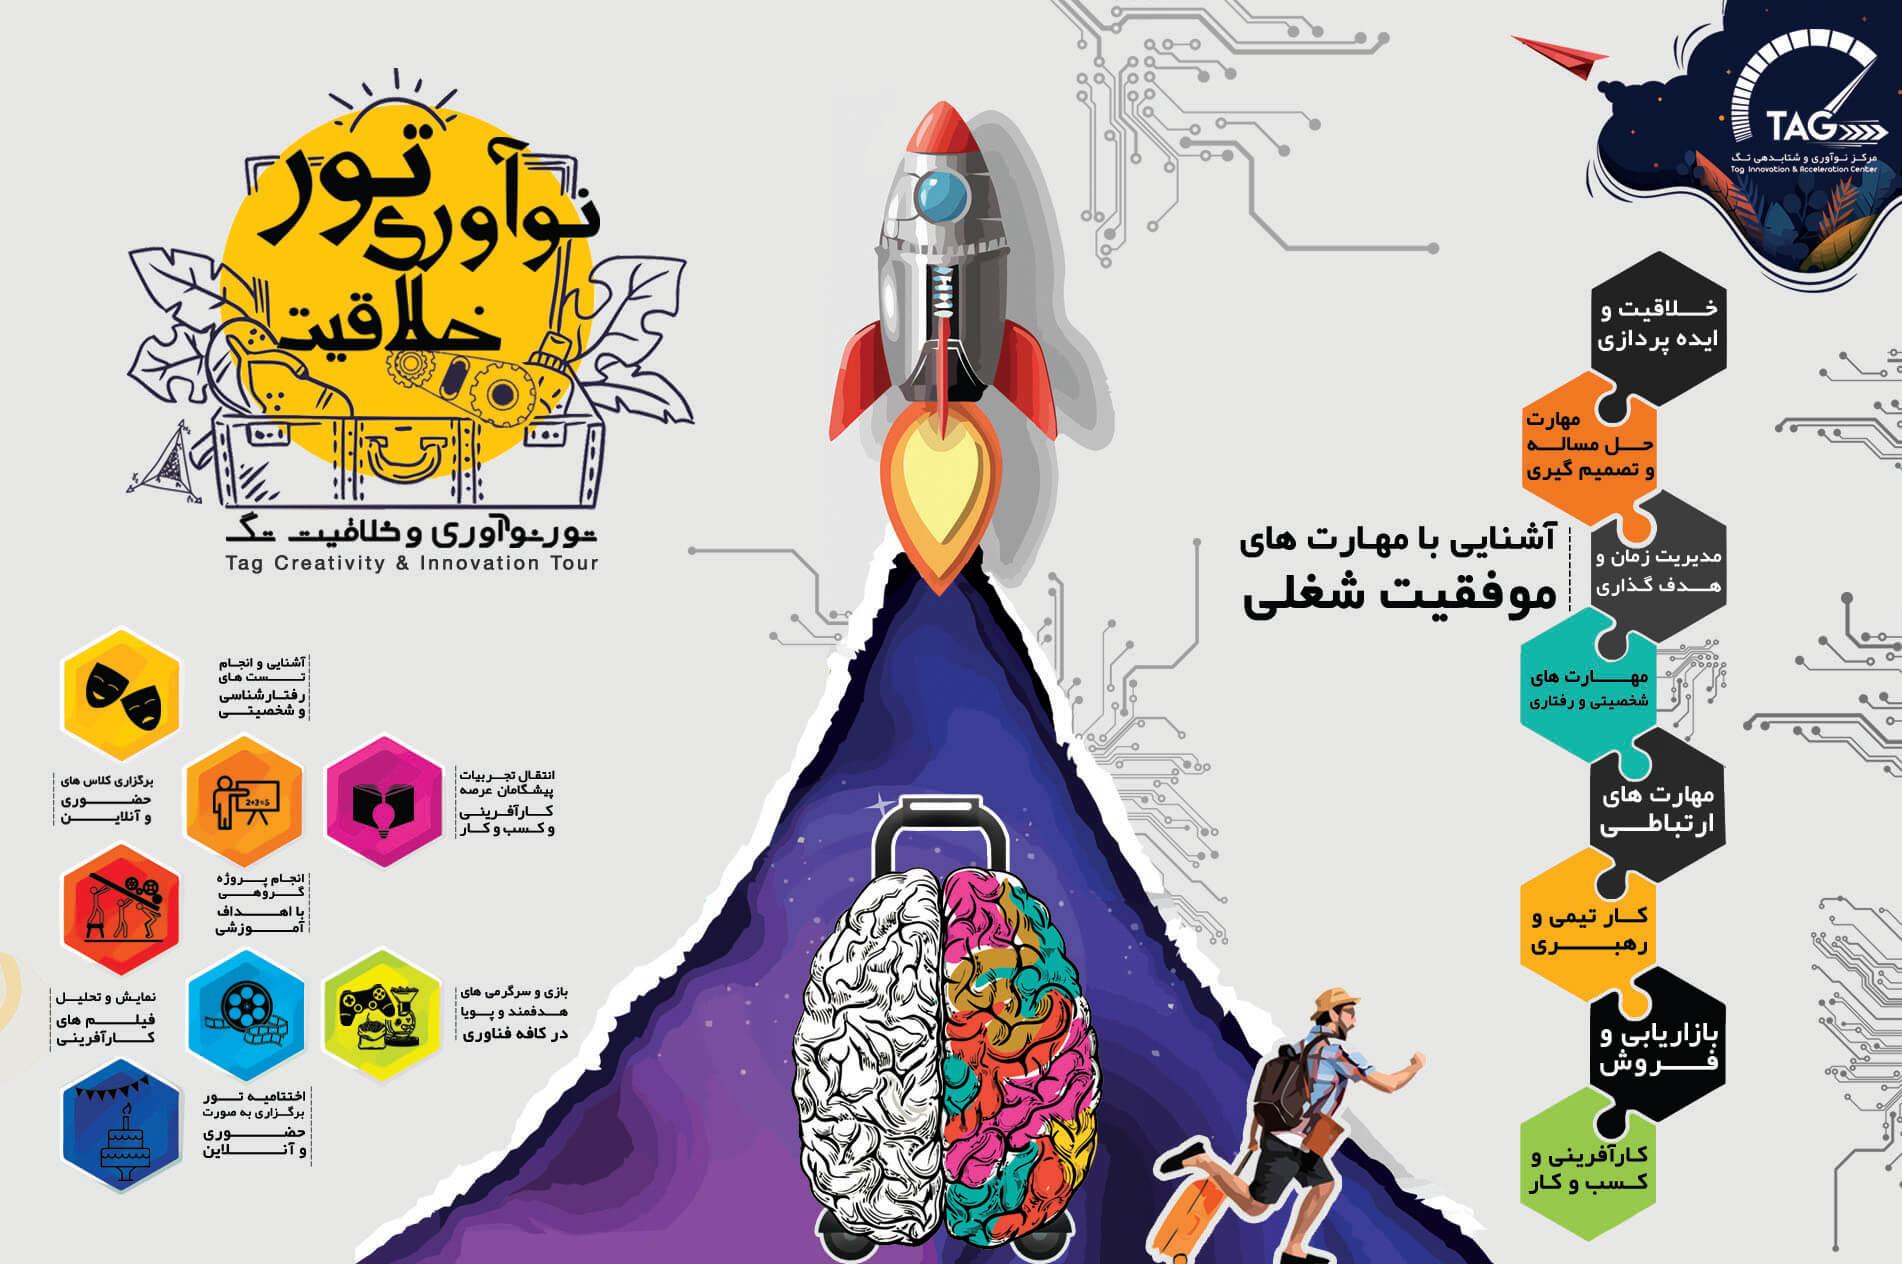 تورنوآوری وخلاقیت در کرمان کلید خورد